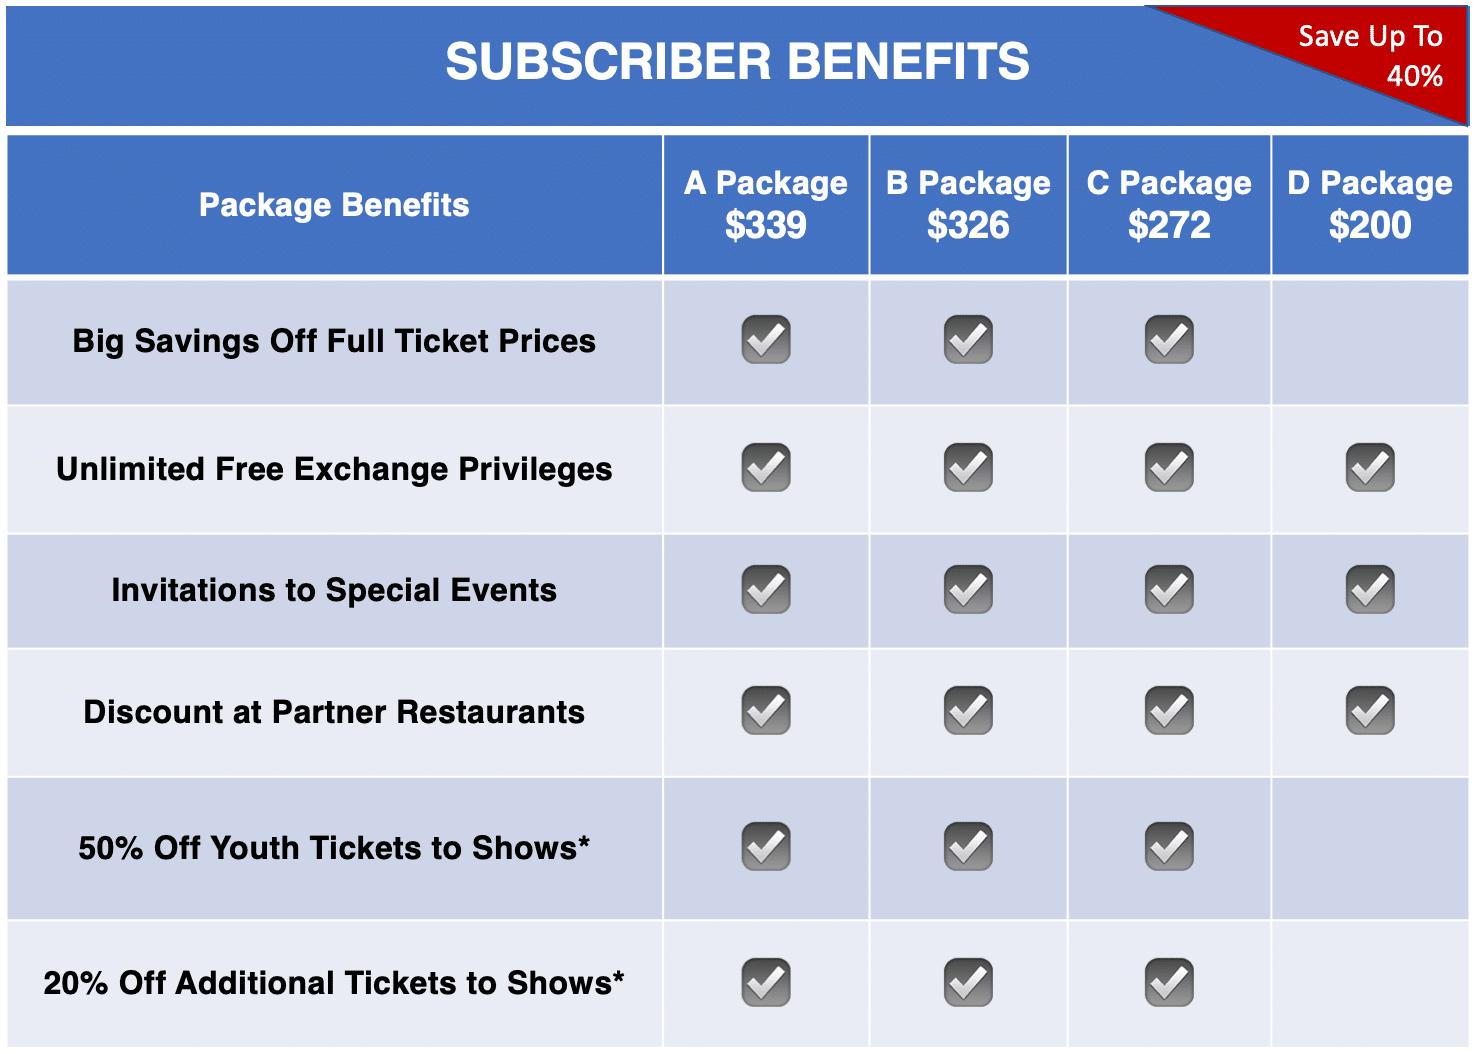 21-22 Subscriber Benefits